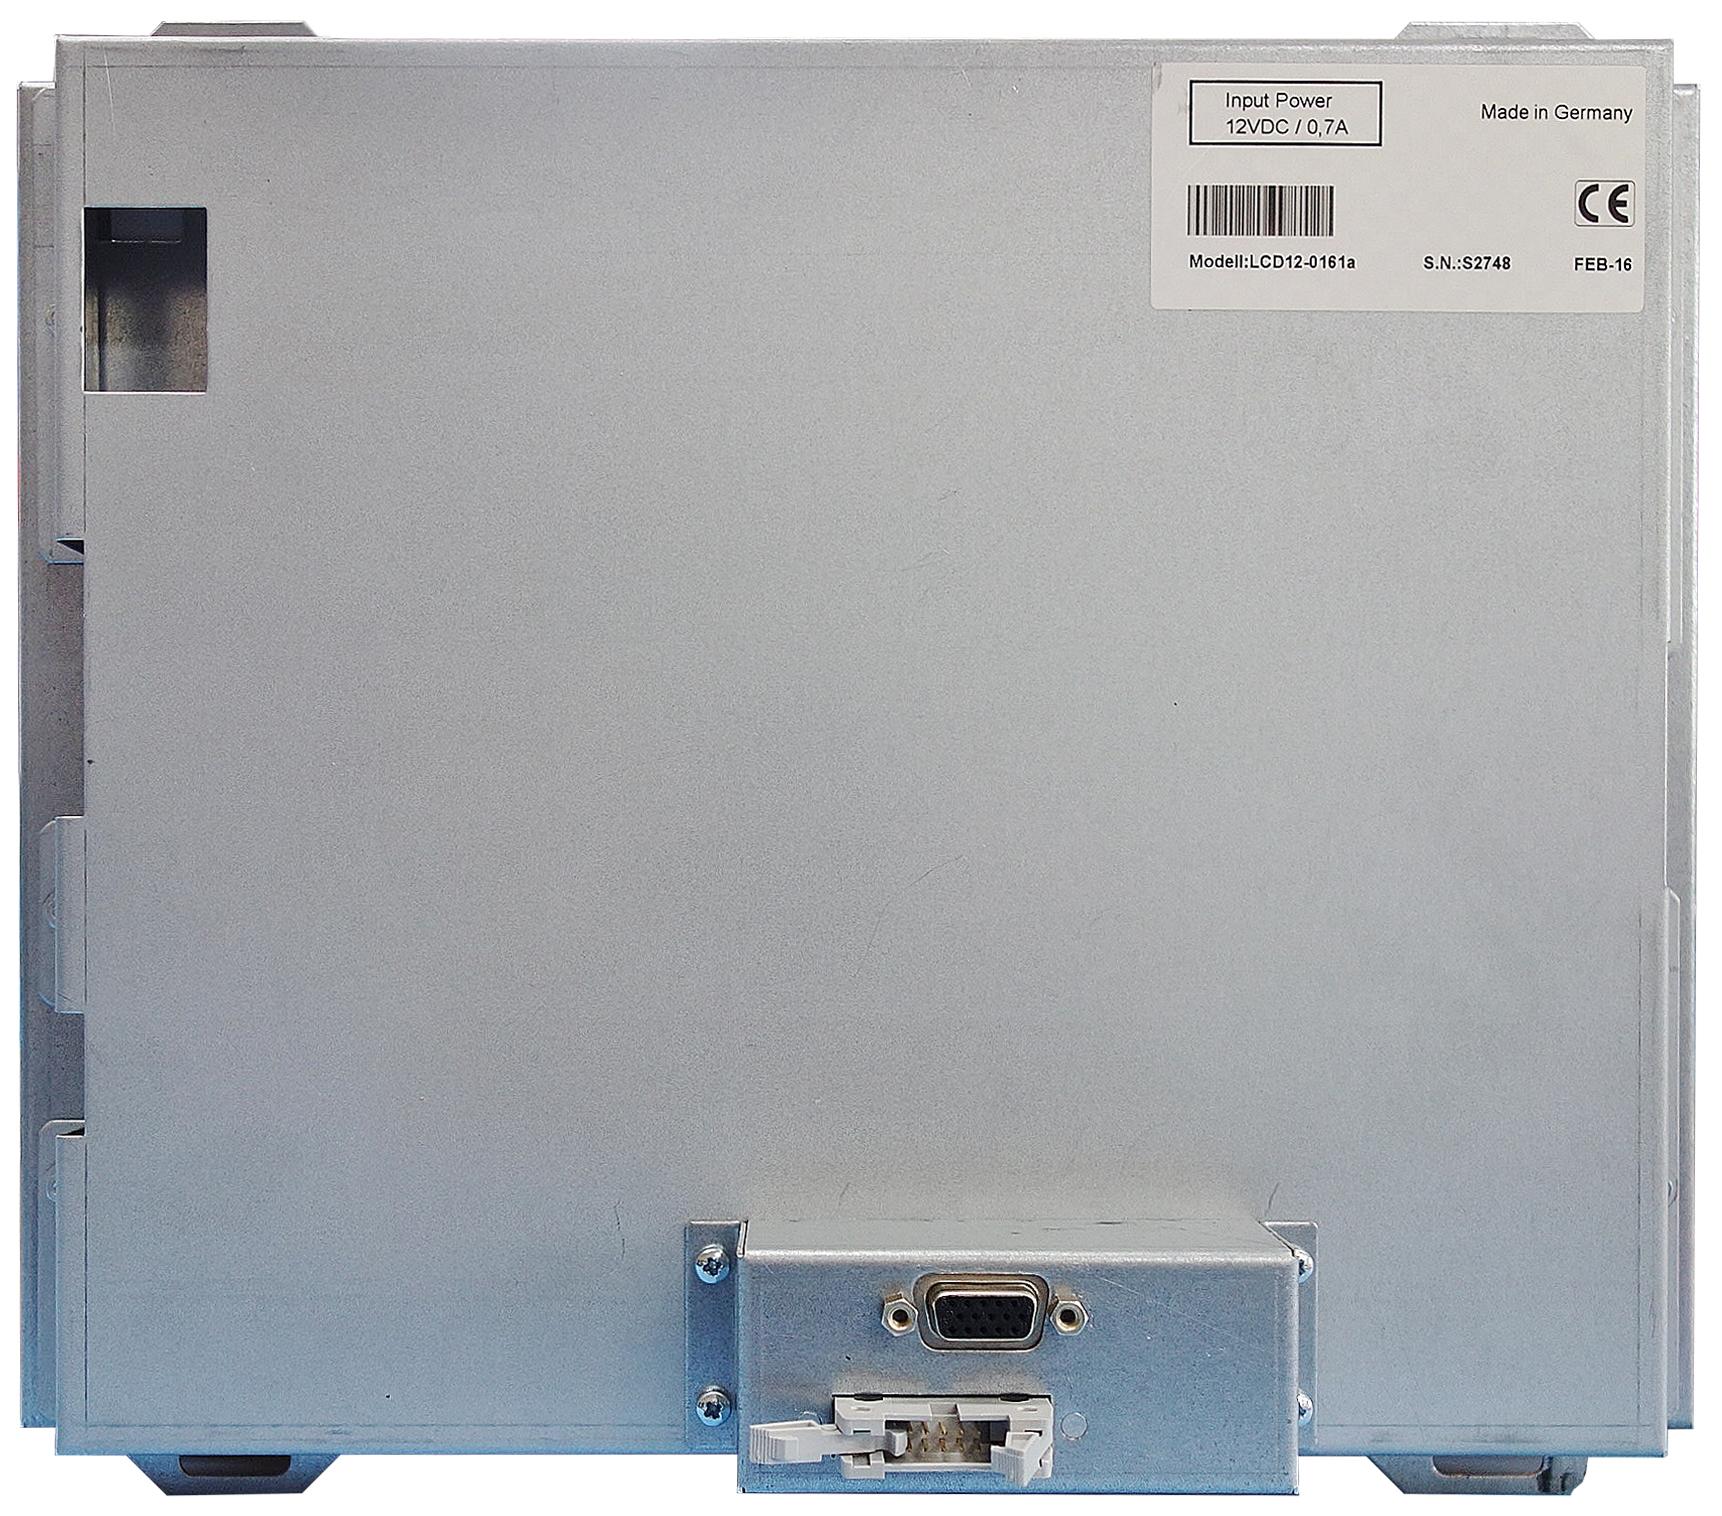 Ersatzbildschirm für Hurco Ultimax 4, WinMax und VMX 24